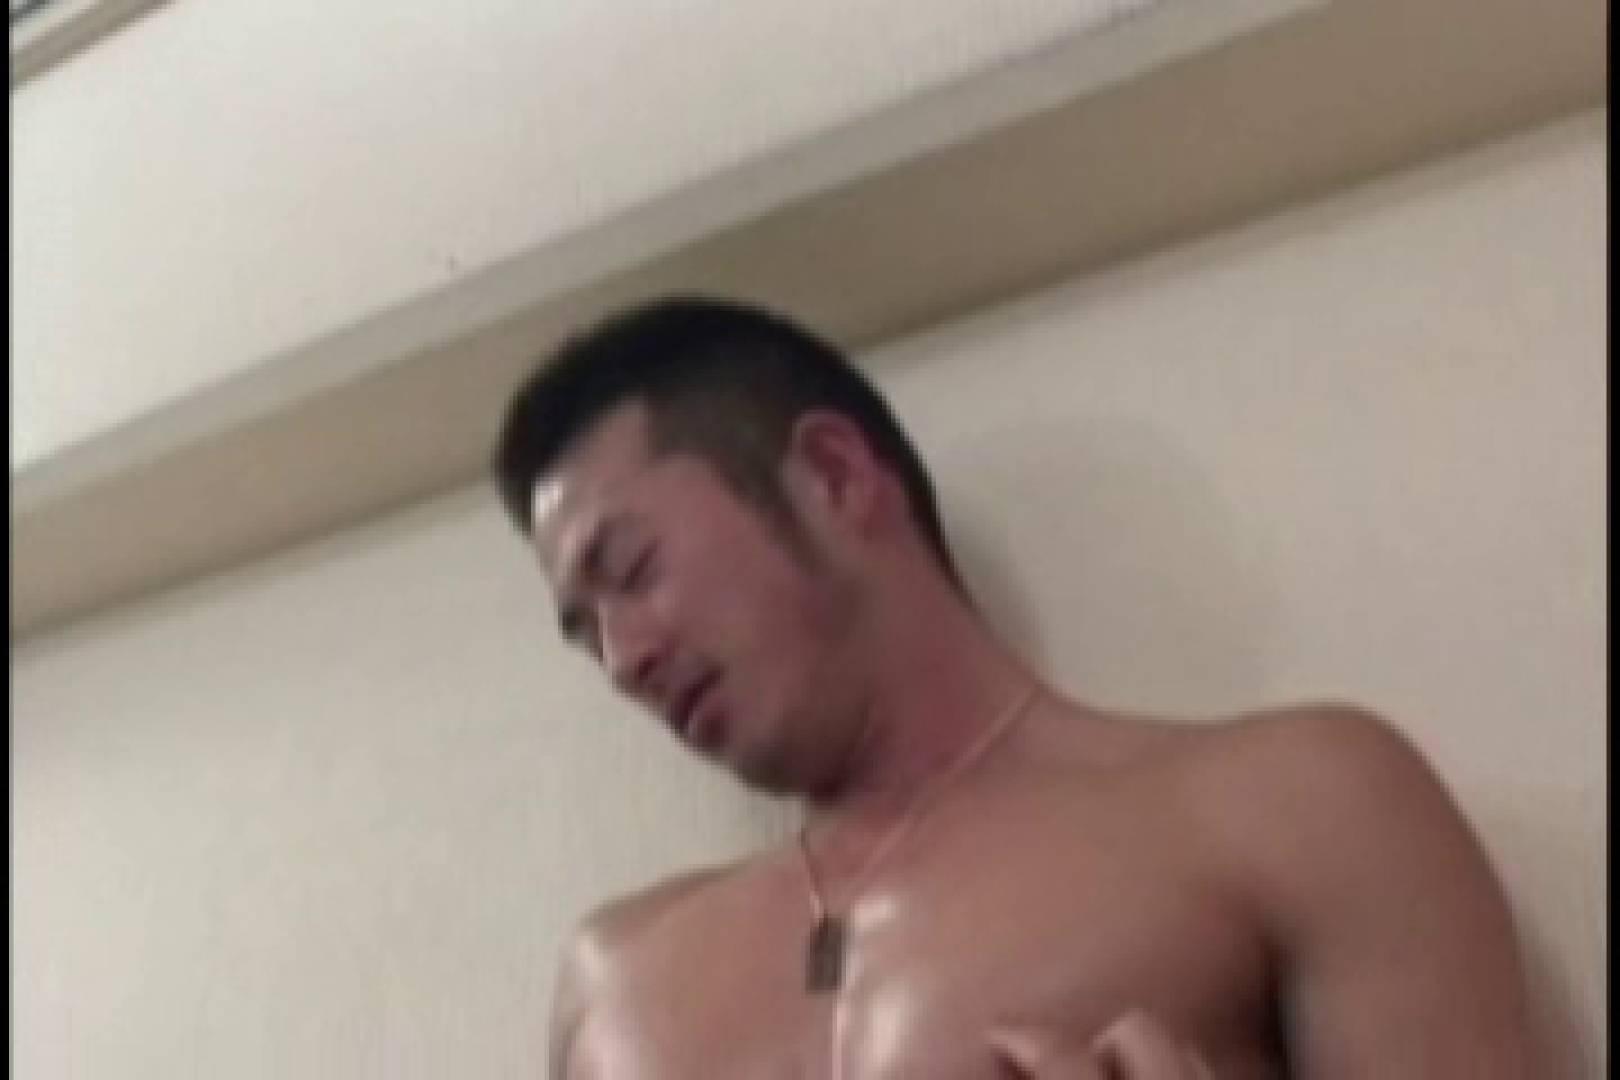 スリ筋!!スポメンのDANKON最高!!take.04 ゴーグルマン ゲイアダルト画像 111pic 68